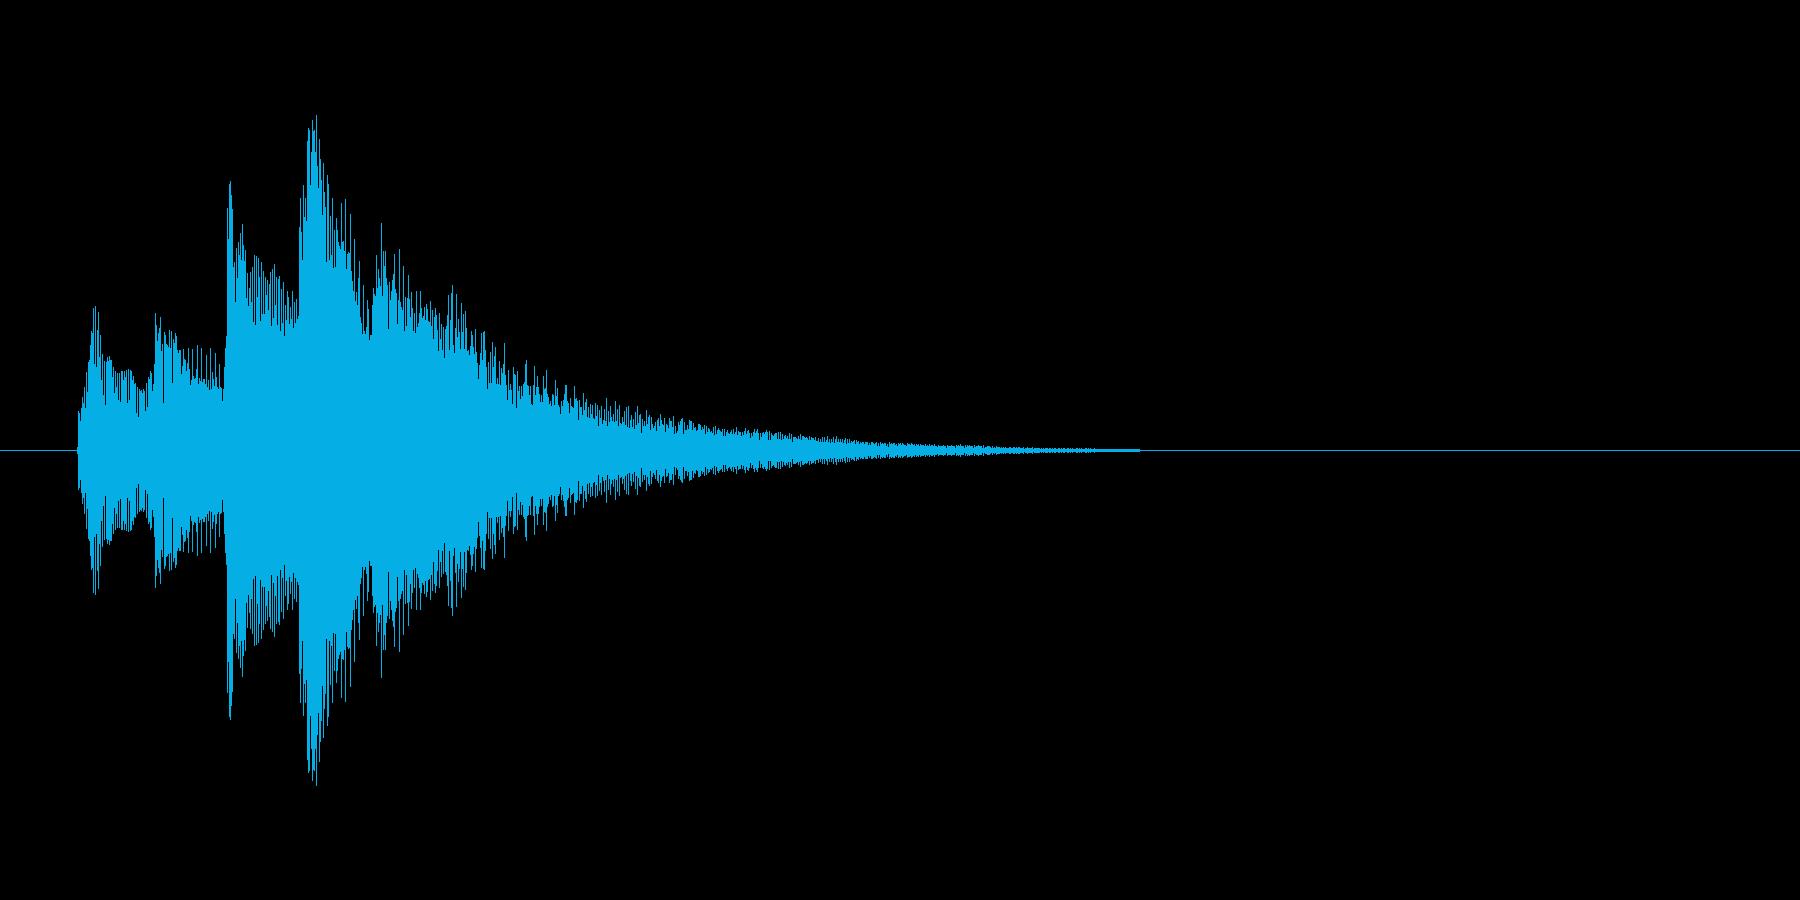 場面転換の効果音(ハープ)の再生済みの波形